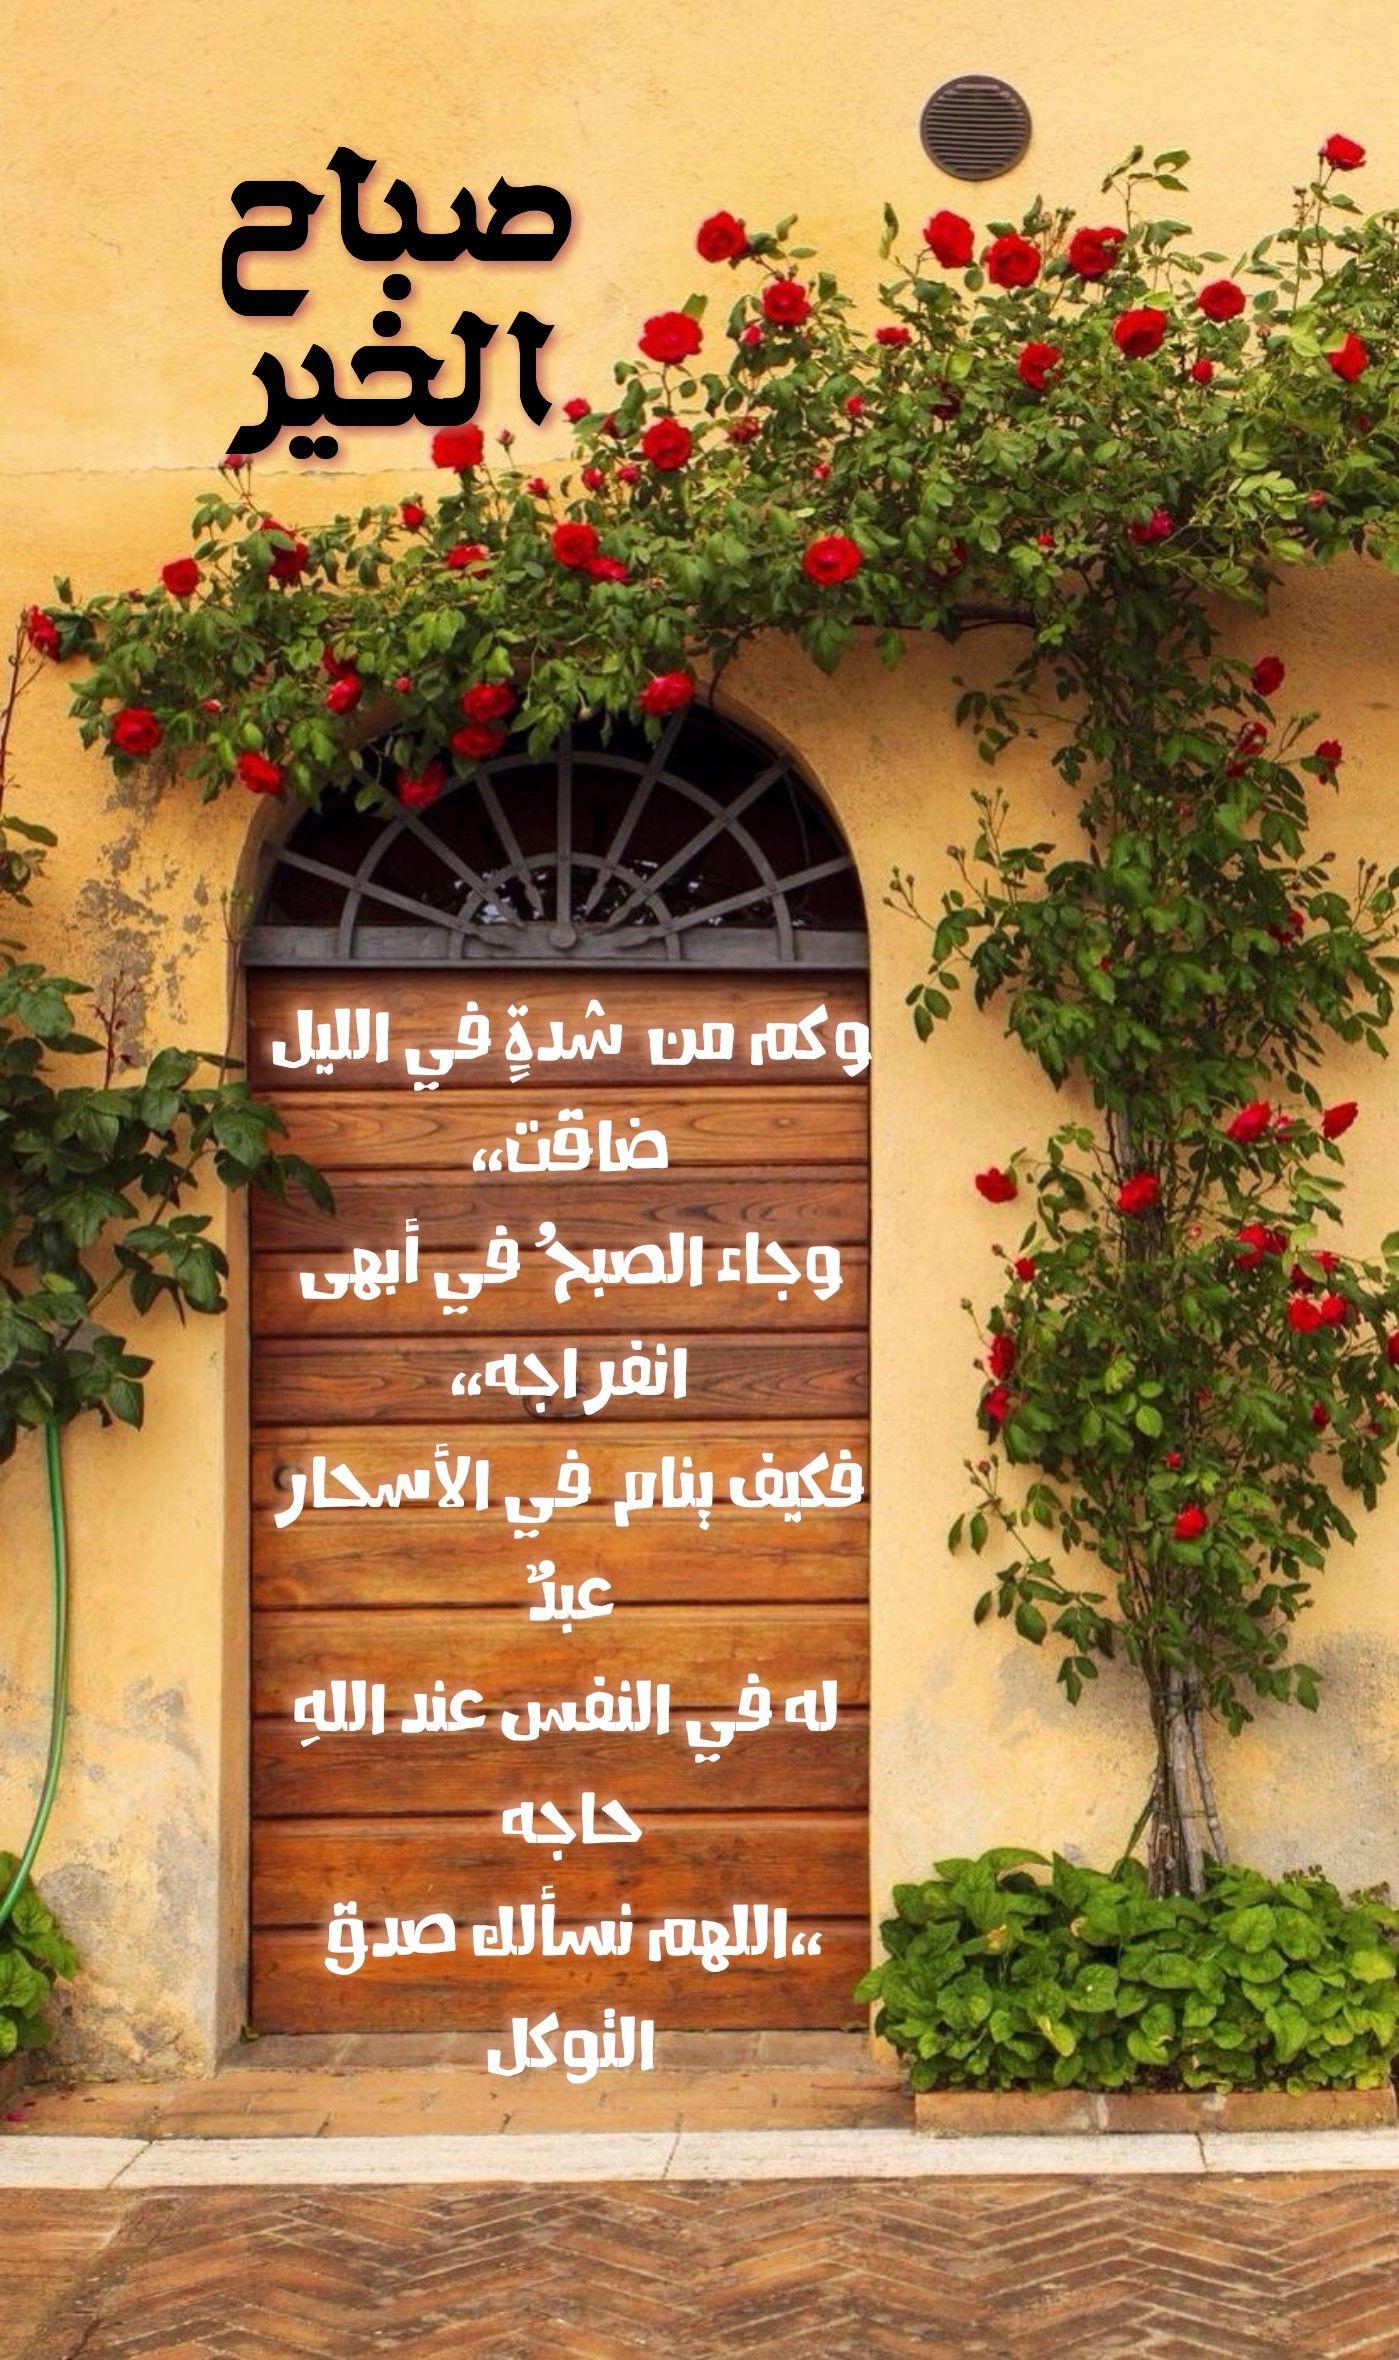 صباح الخير صباحكم سعادة صباحيات صباح الحمد صباح المغغرة Beautiful Morning Messages Good Morning Greetings Morning Images